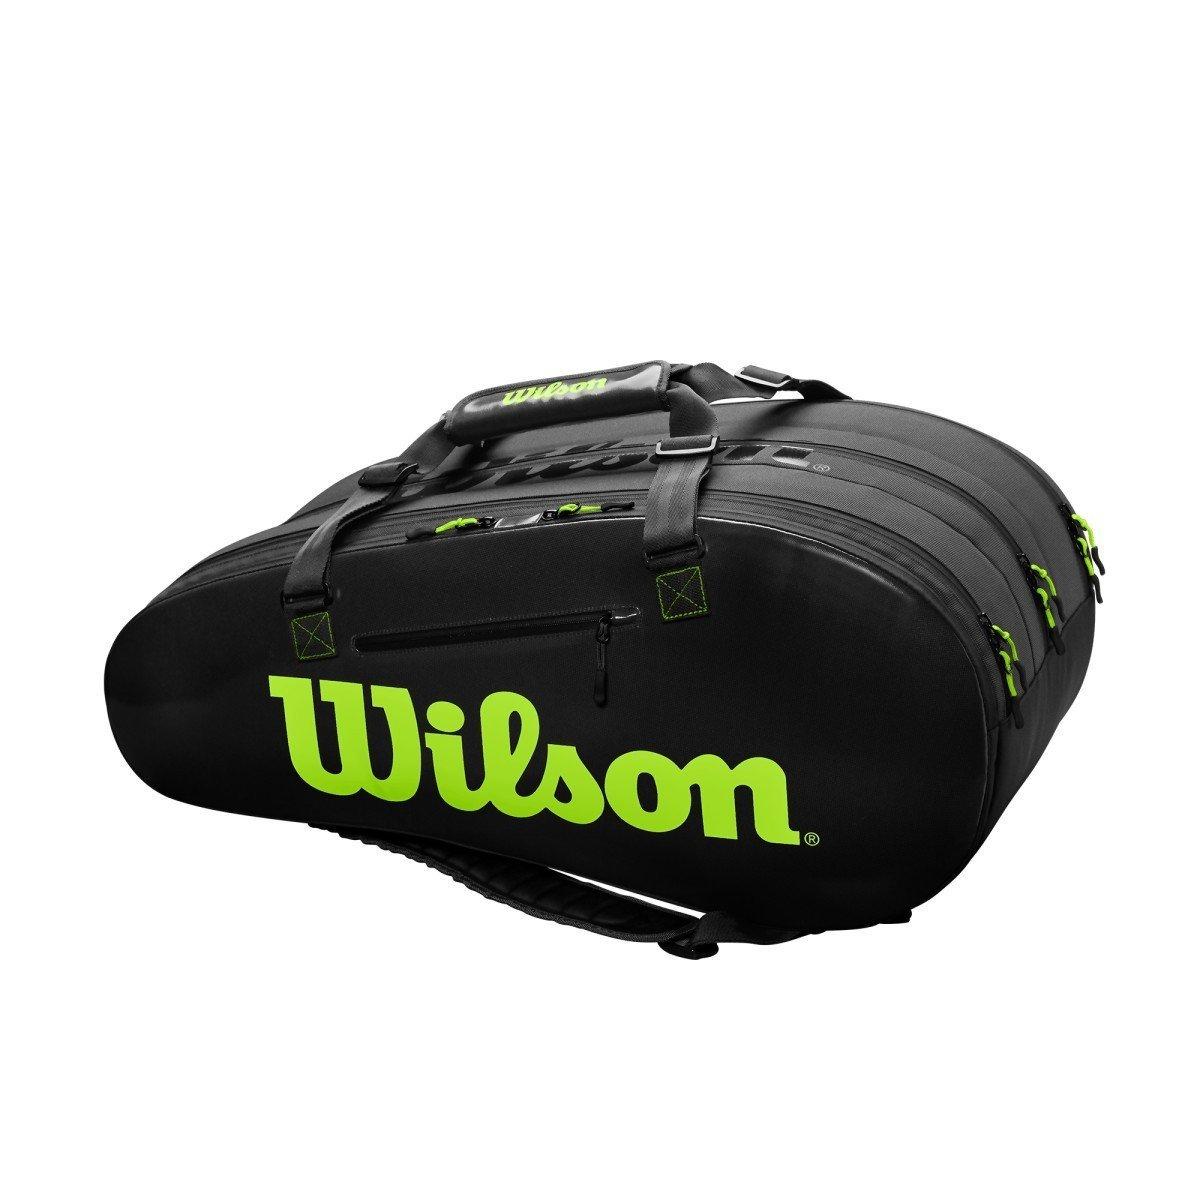 Wilson Tennis Bag – Super Tour 3-Compartment Bag